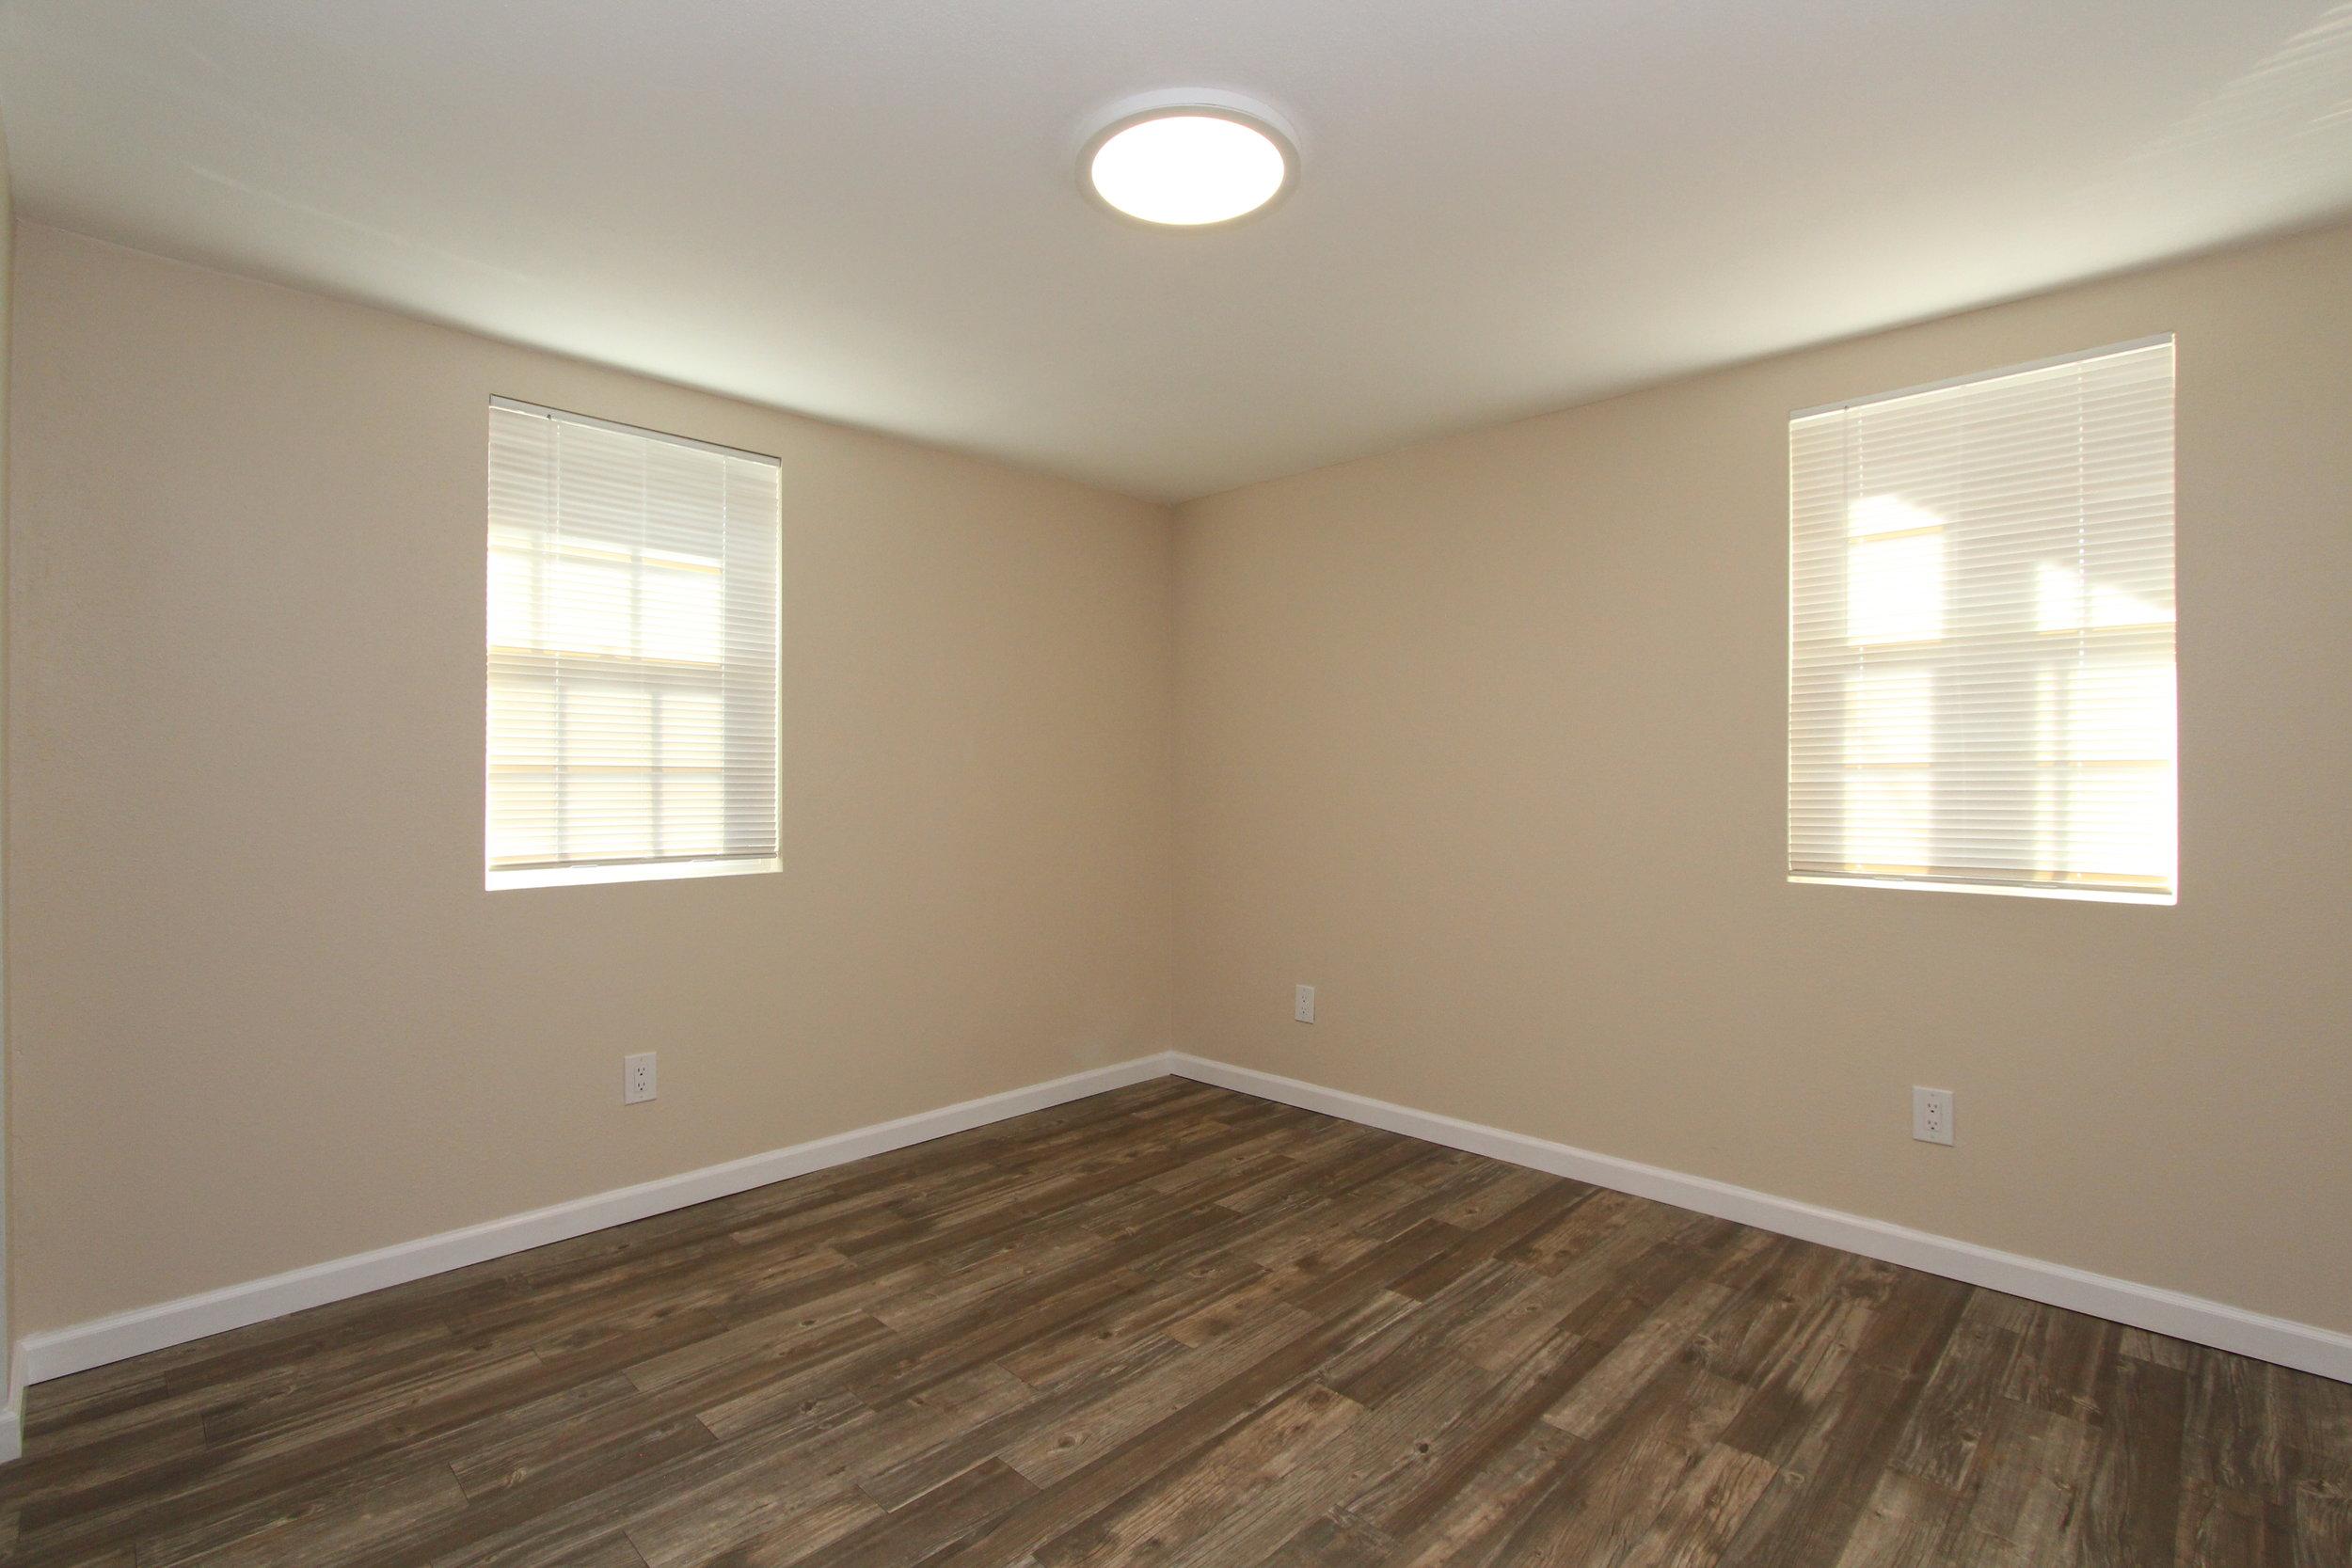 Finished - Bedroom 1